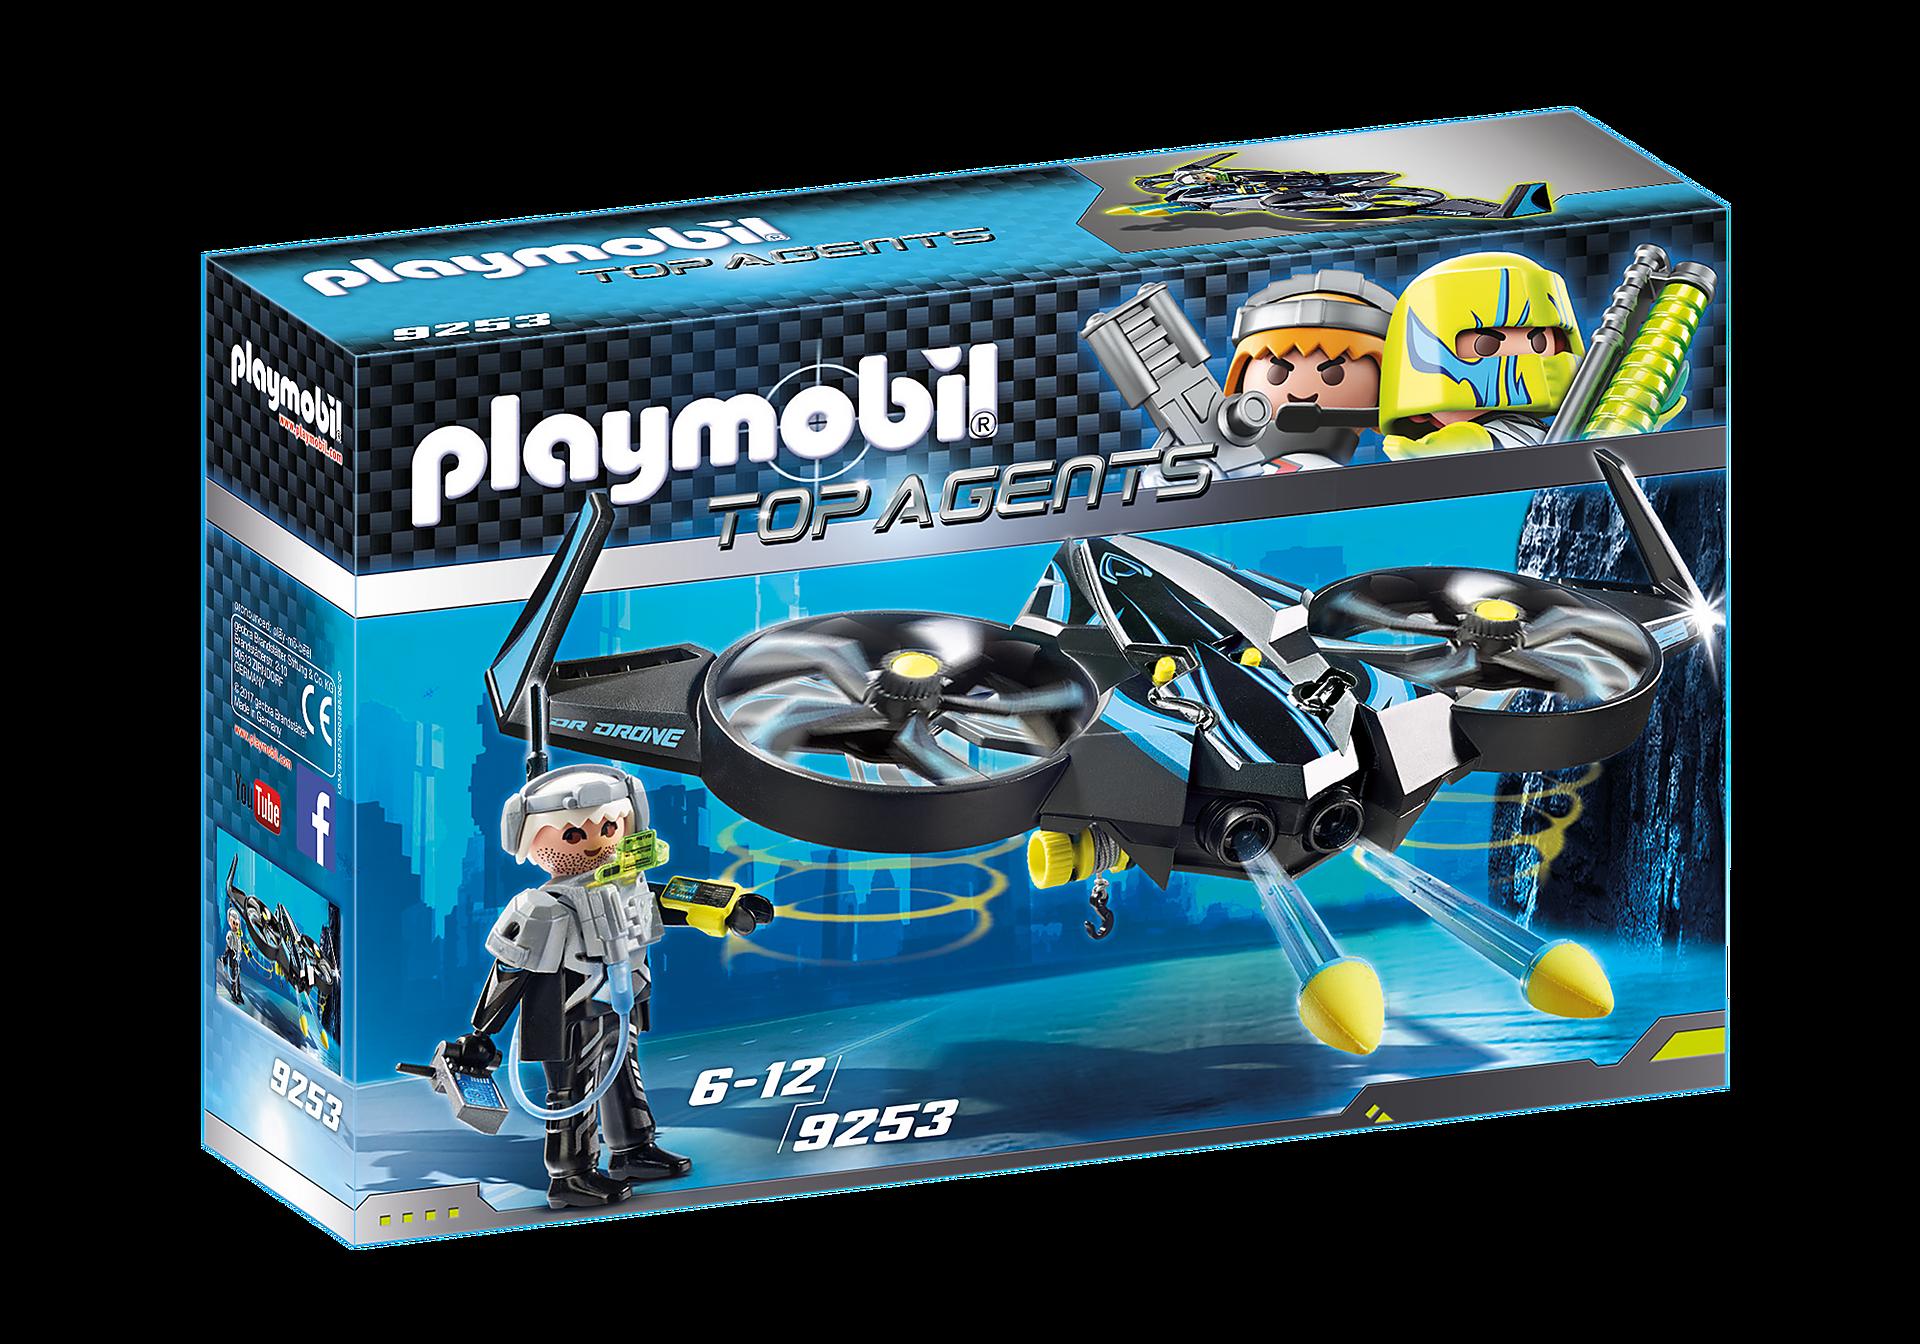 http://media.playmobil.com/i/playmobil/9253_product_box_front/Mega Drone